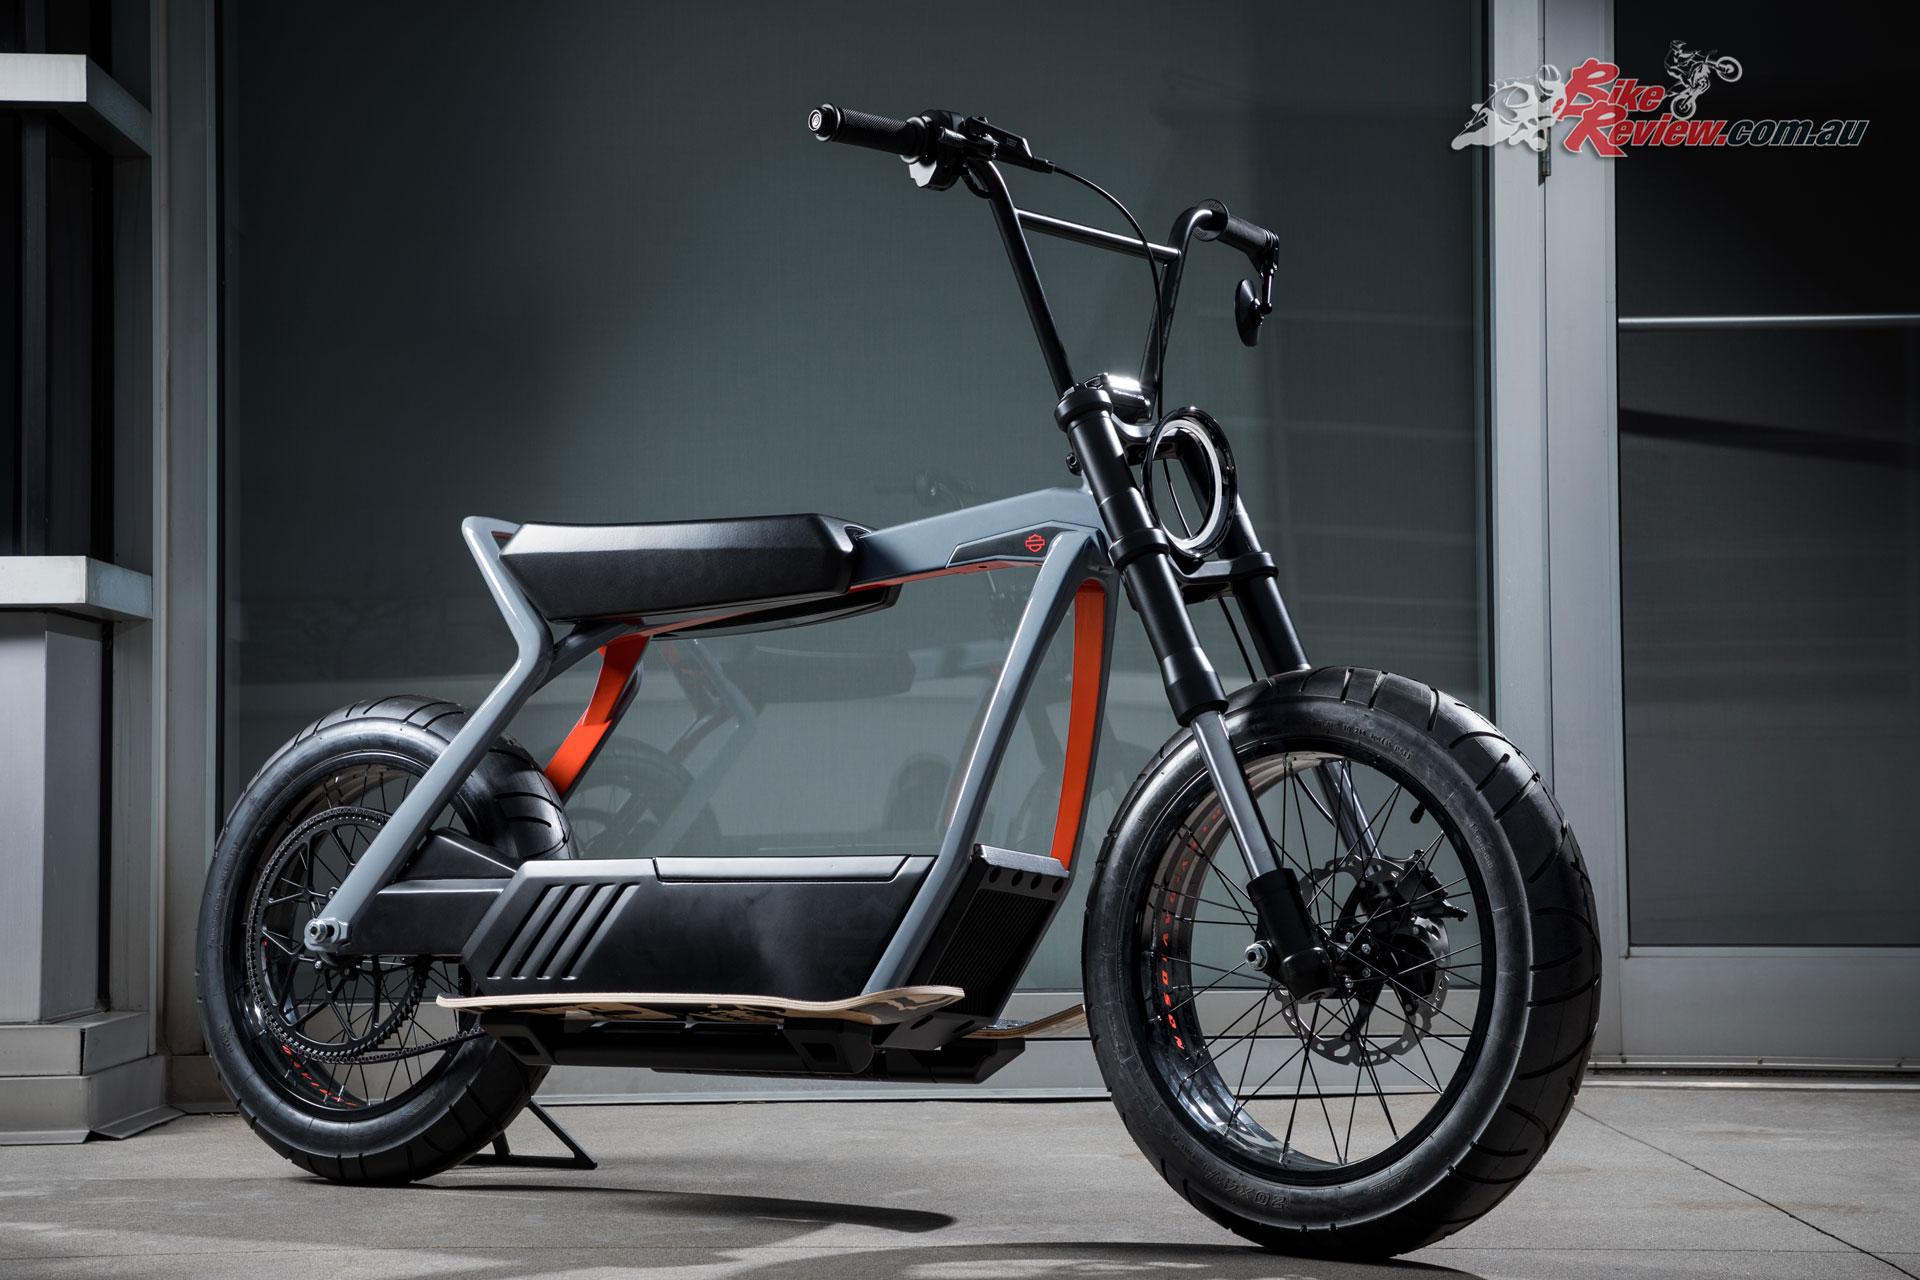 new model harley davidson livewire more details bike. Black Bedroom Furniture Sets. Home Design Ideas